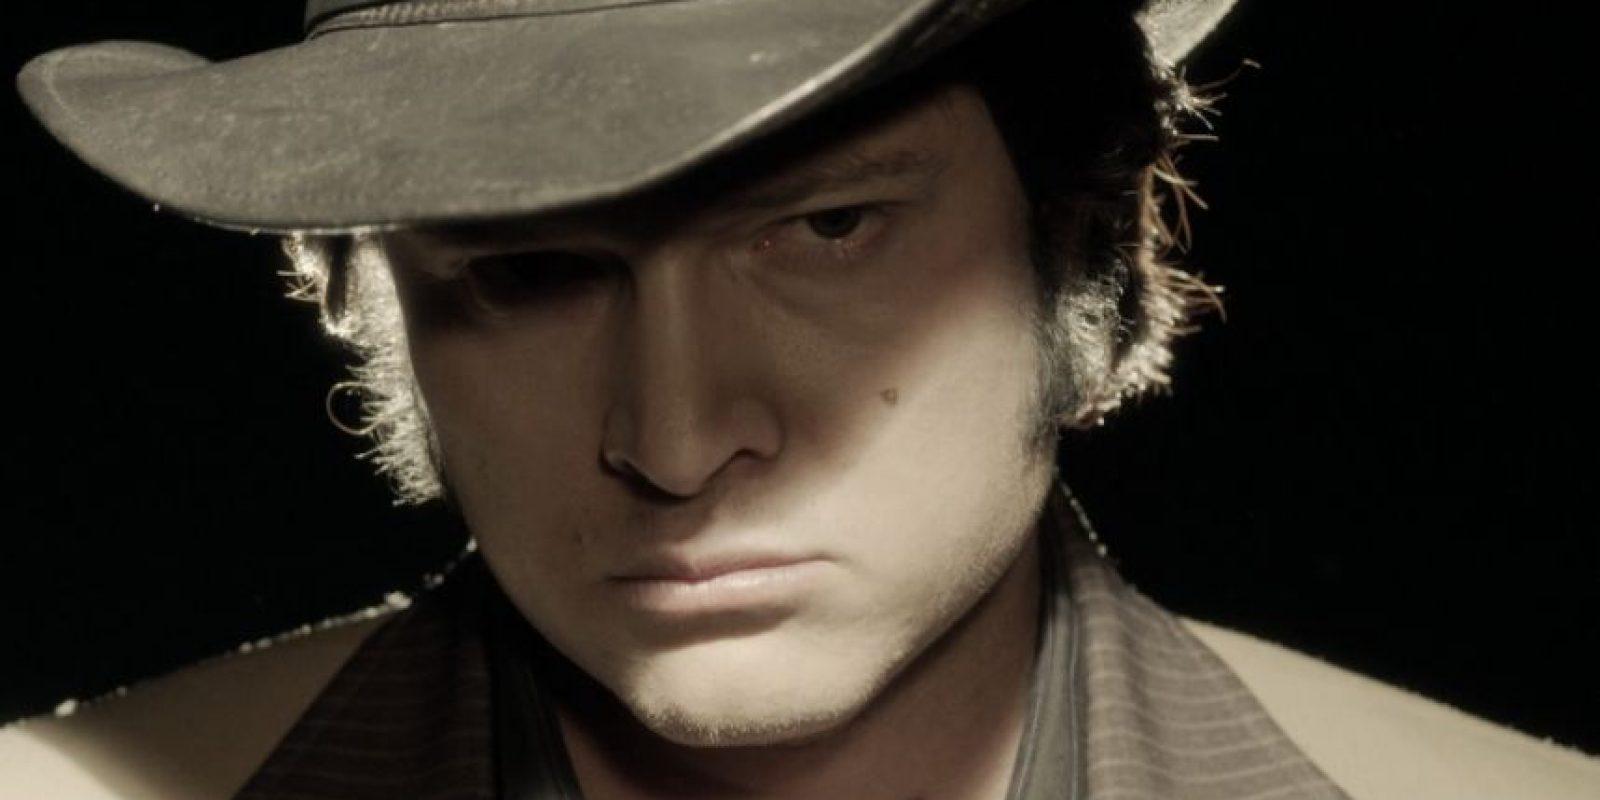 Juan Sebastián Calero como 'El mexicano' Foto:RCN